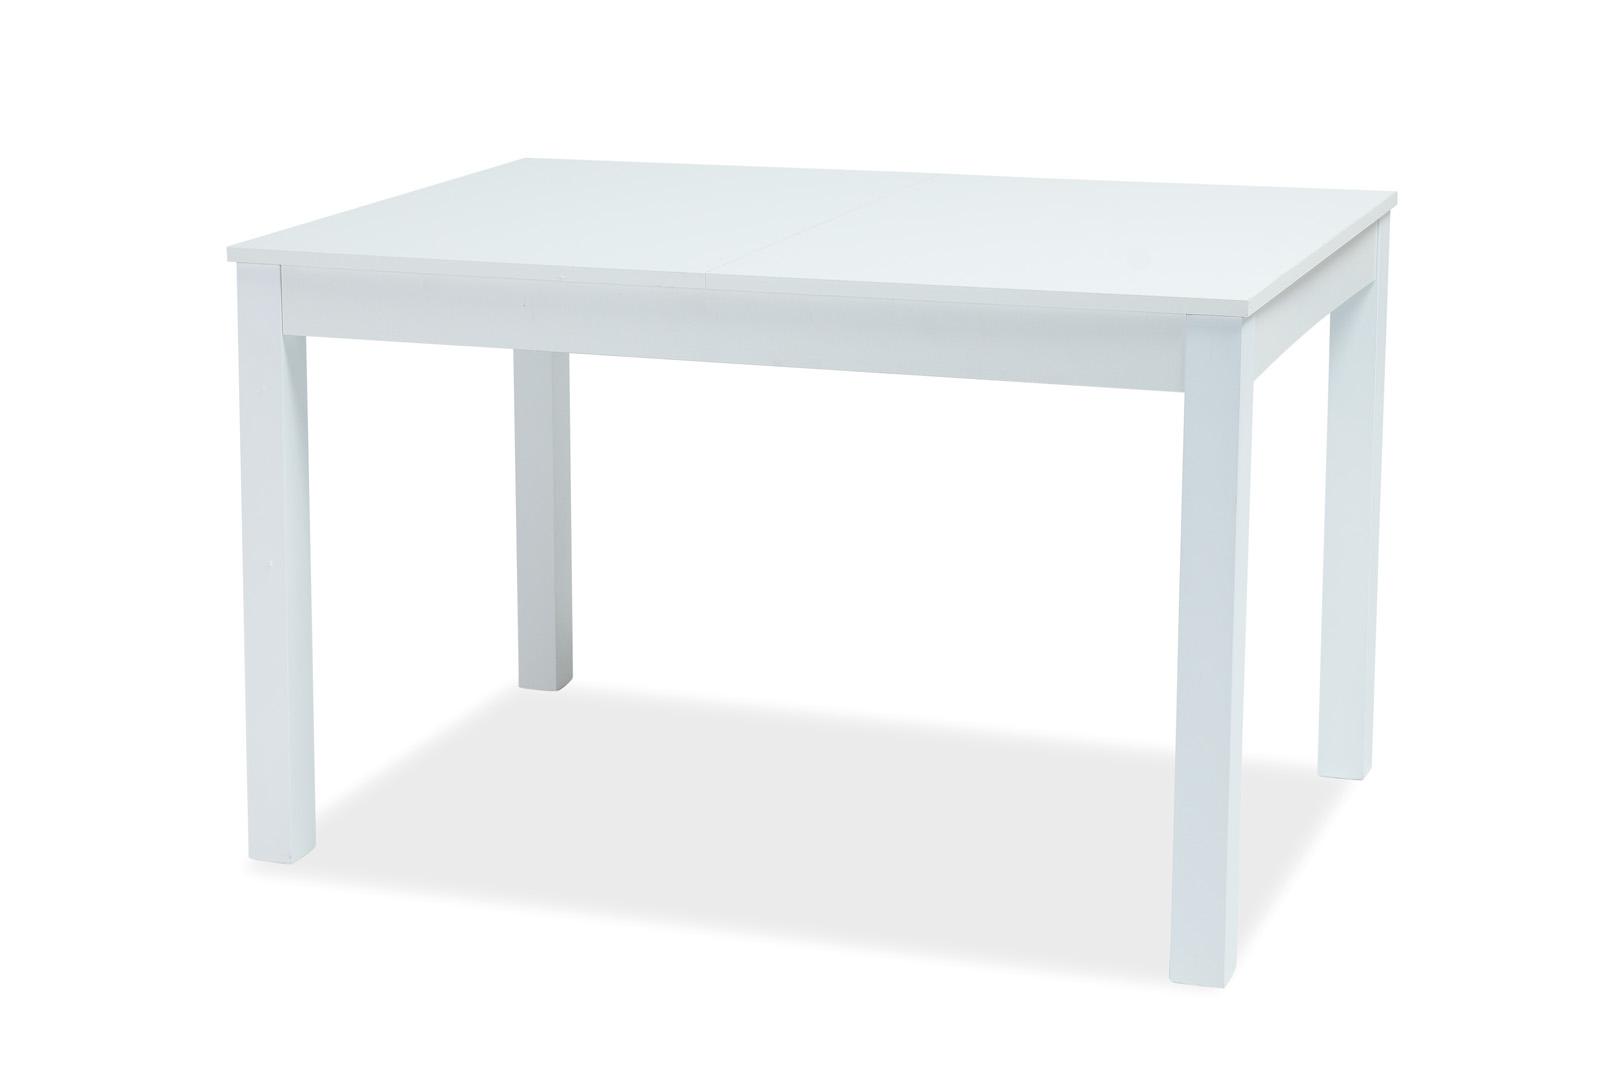 Jedálenský stôl - Signal - Prism (biela) (pre 4 až 6 osôb). Doprava ZDARMA. Sme autorizovaný predajca Signal. Vlastná spoľahlivá doprava až k Vám domov.